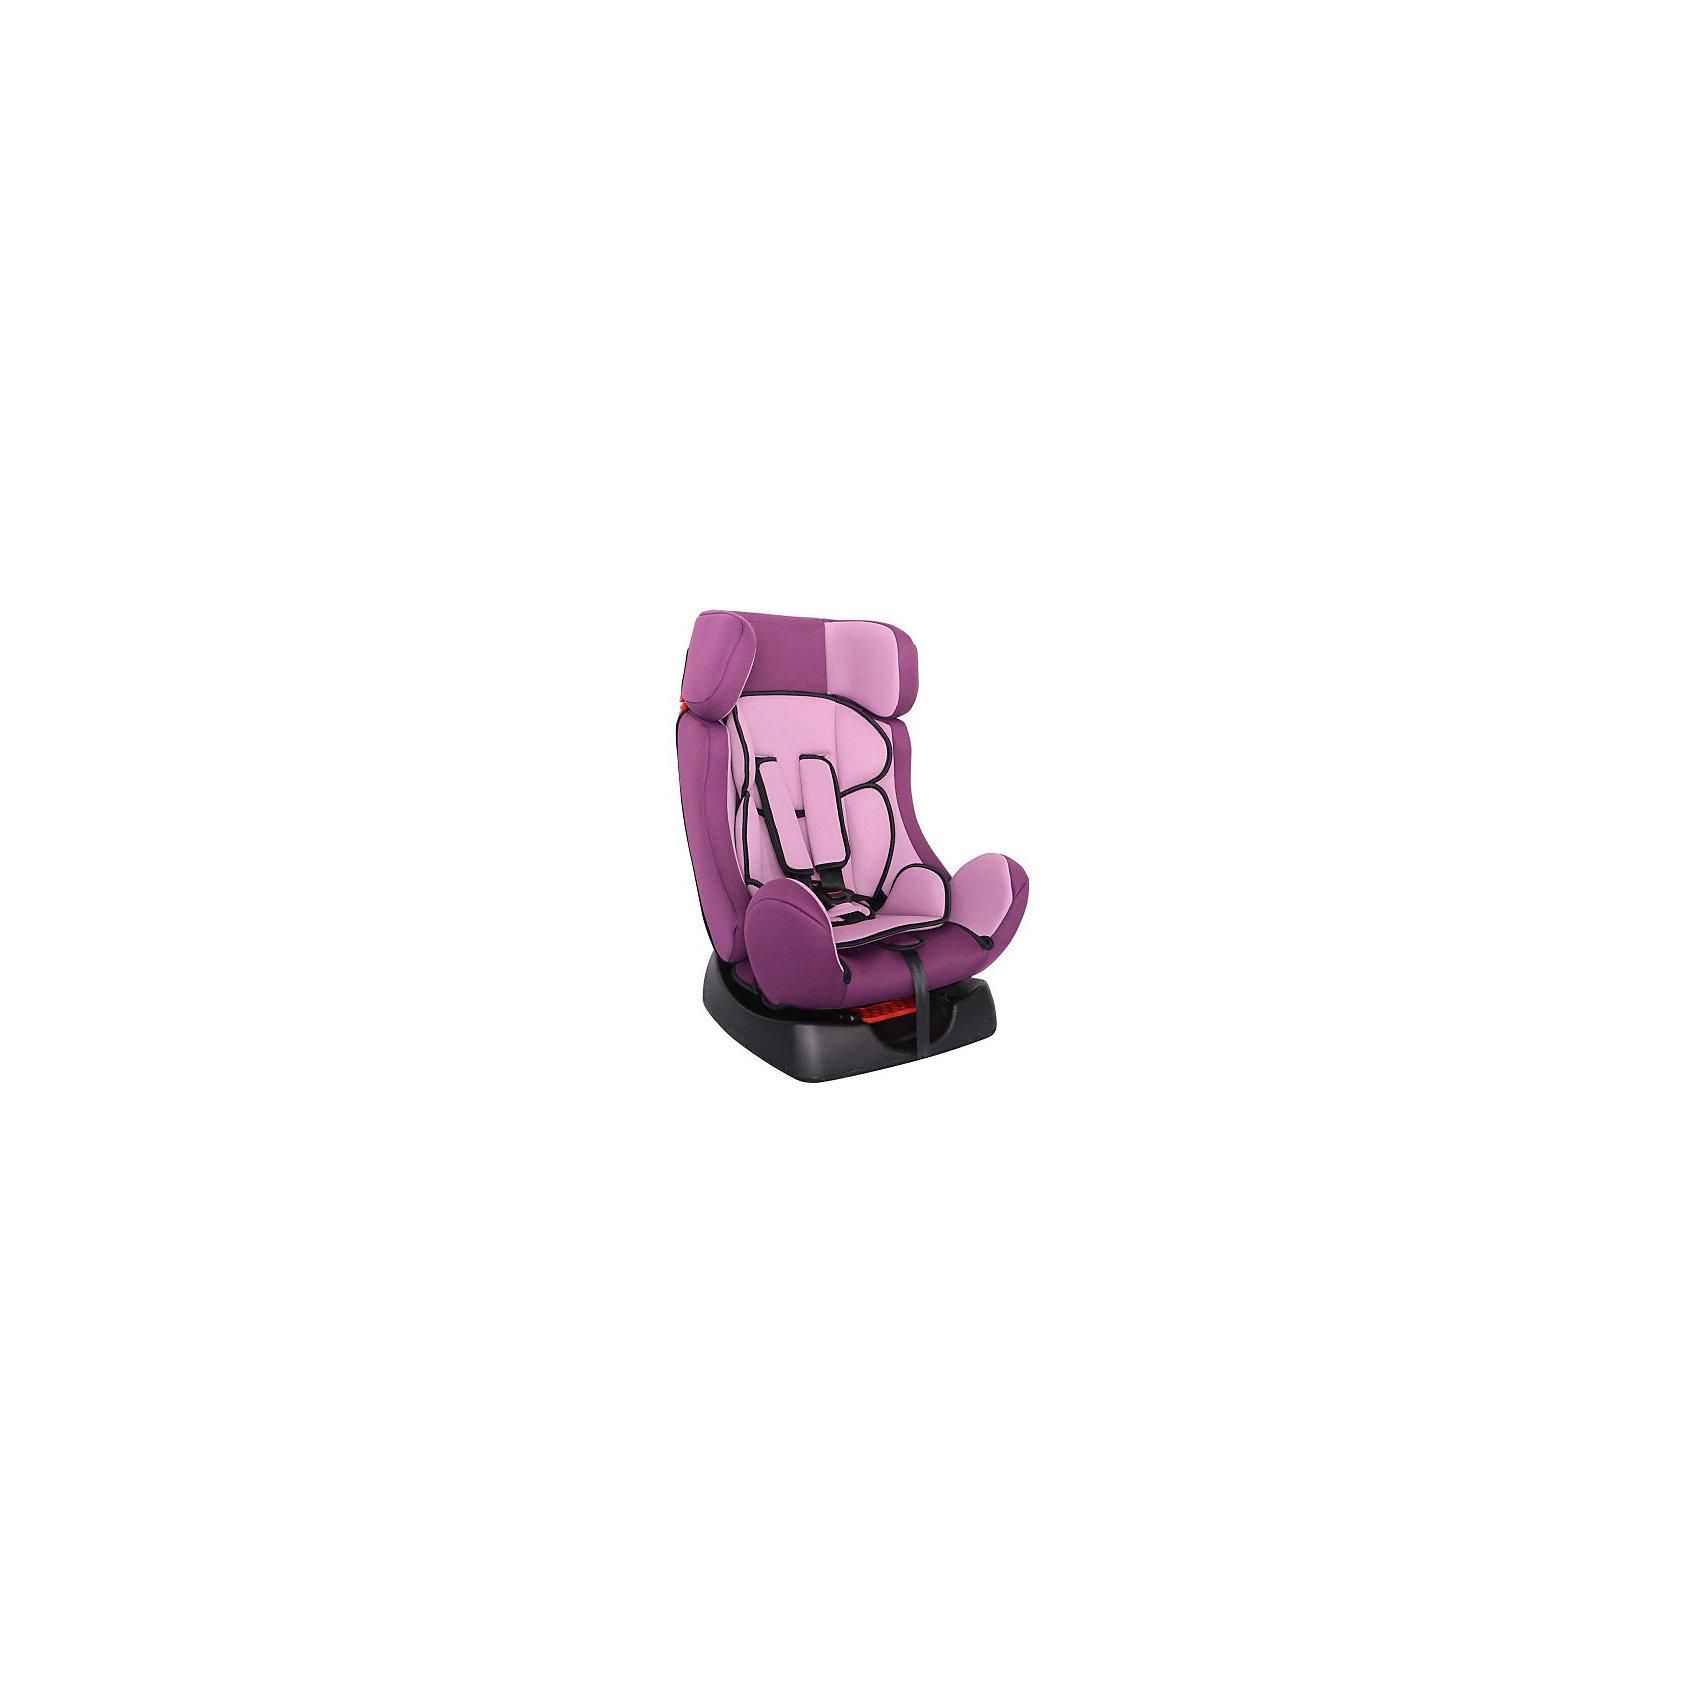 Автокресло Диона, 0-25 кг., Siger, фиолетовый